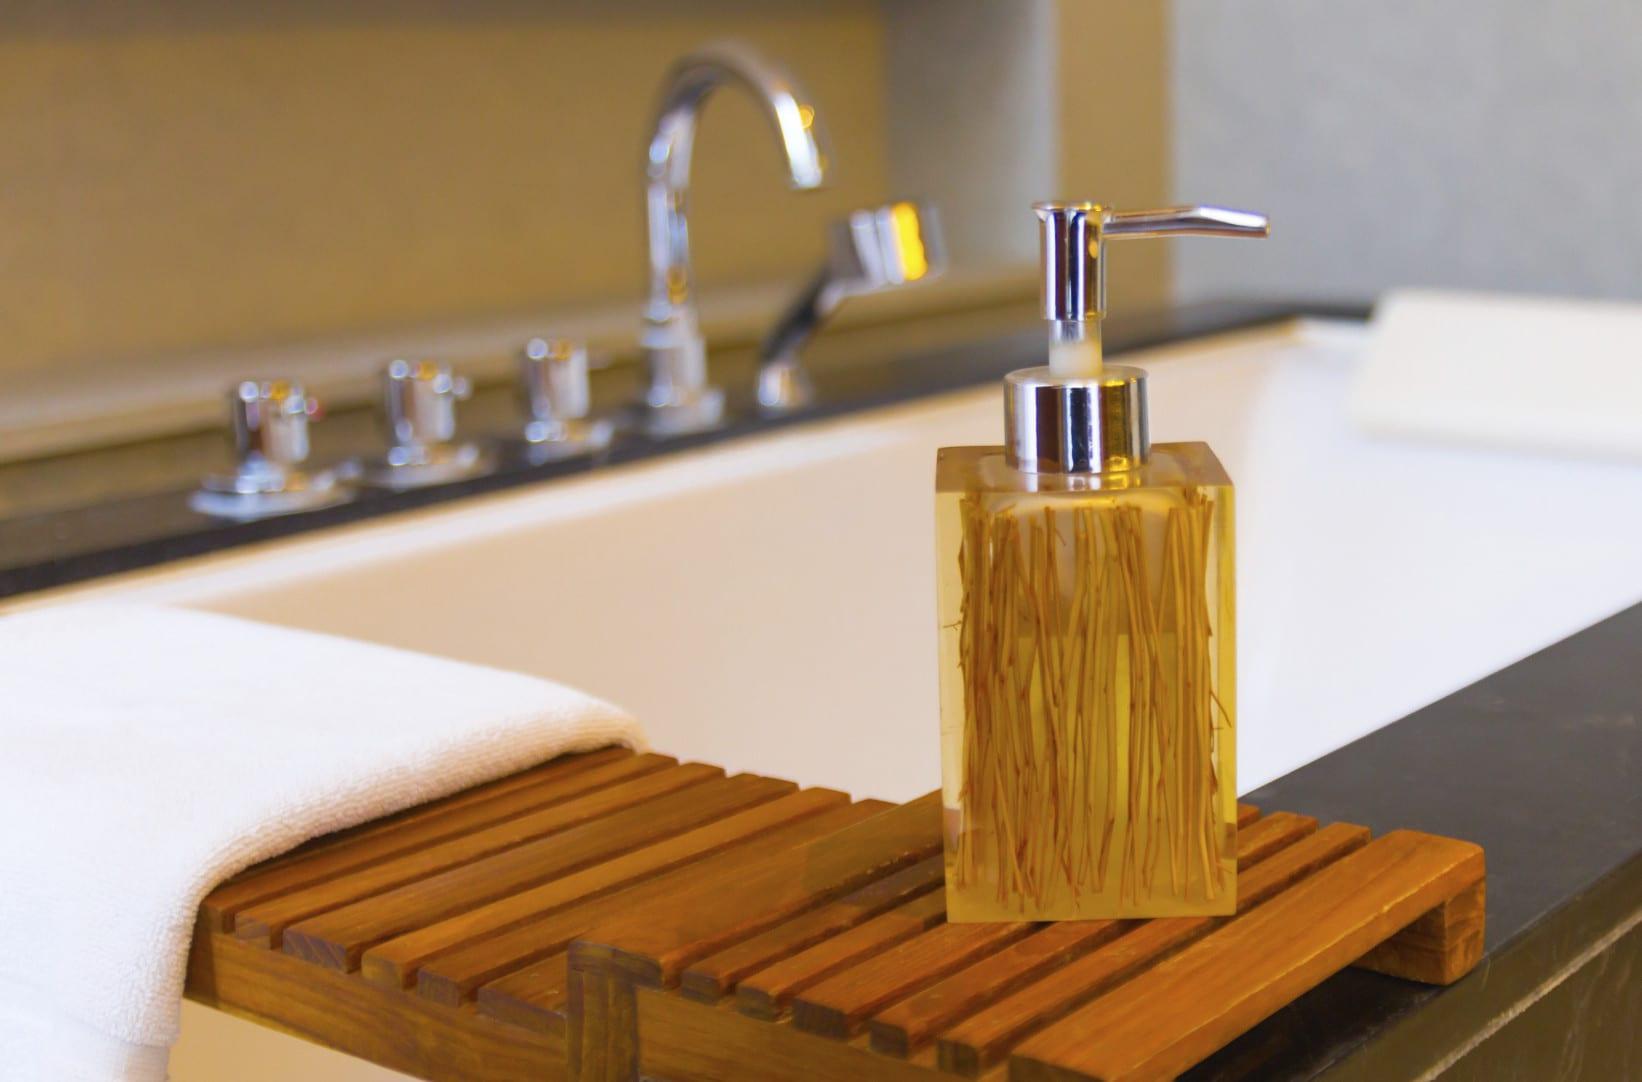 schöner wohnen badezimmer_badewanne mit natursteinverkleidung in schwarz und moderne badezimmer-accessoires